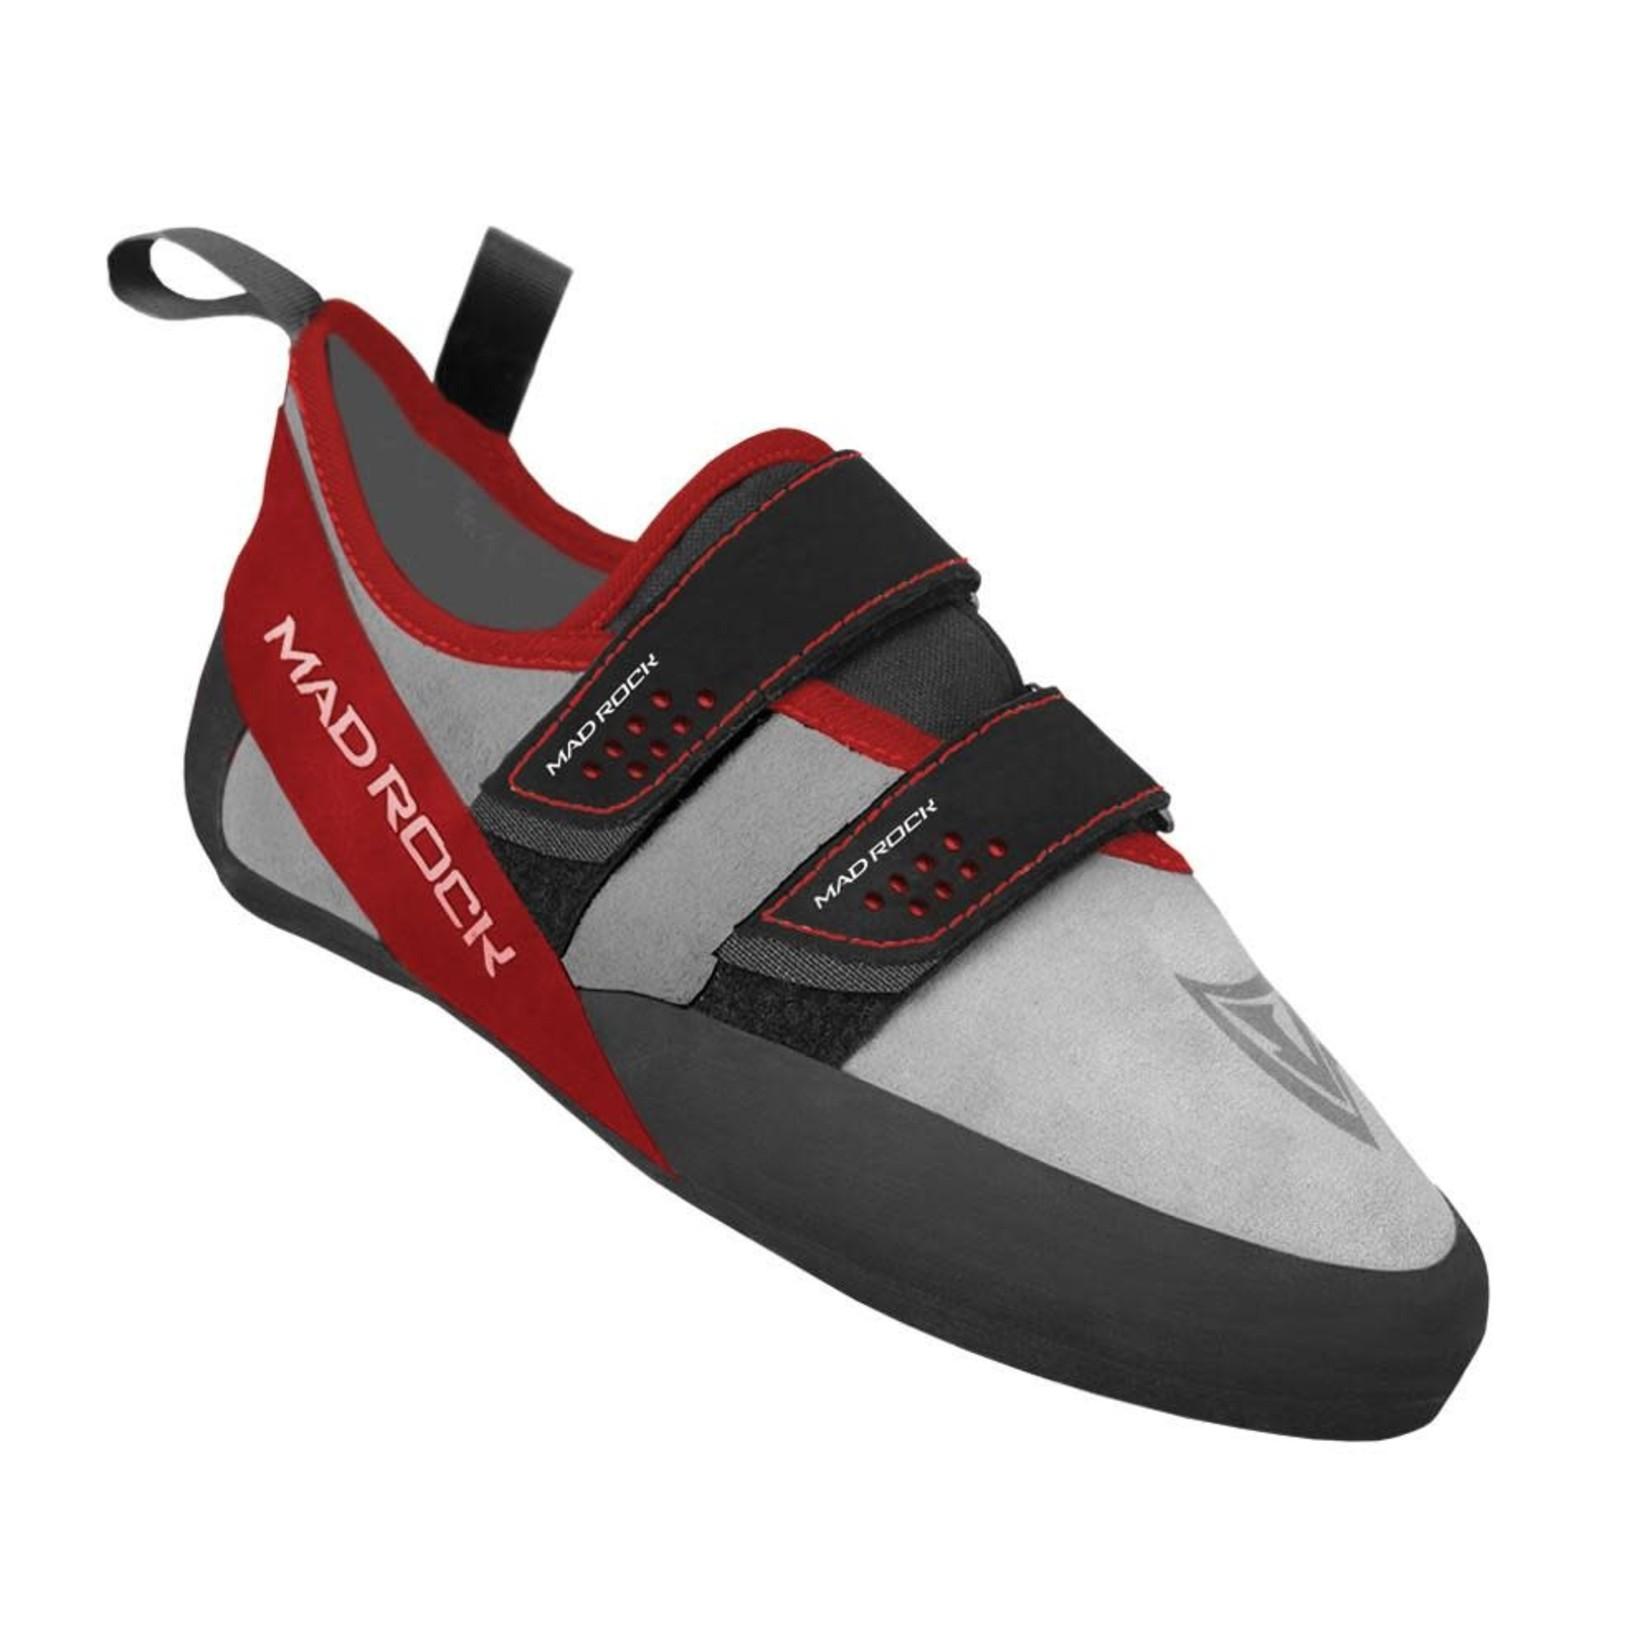 Mad Rock Drifter Climbing Shoes